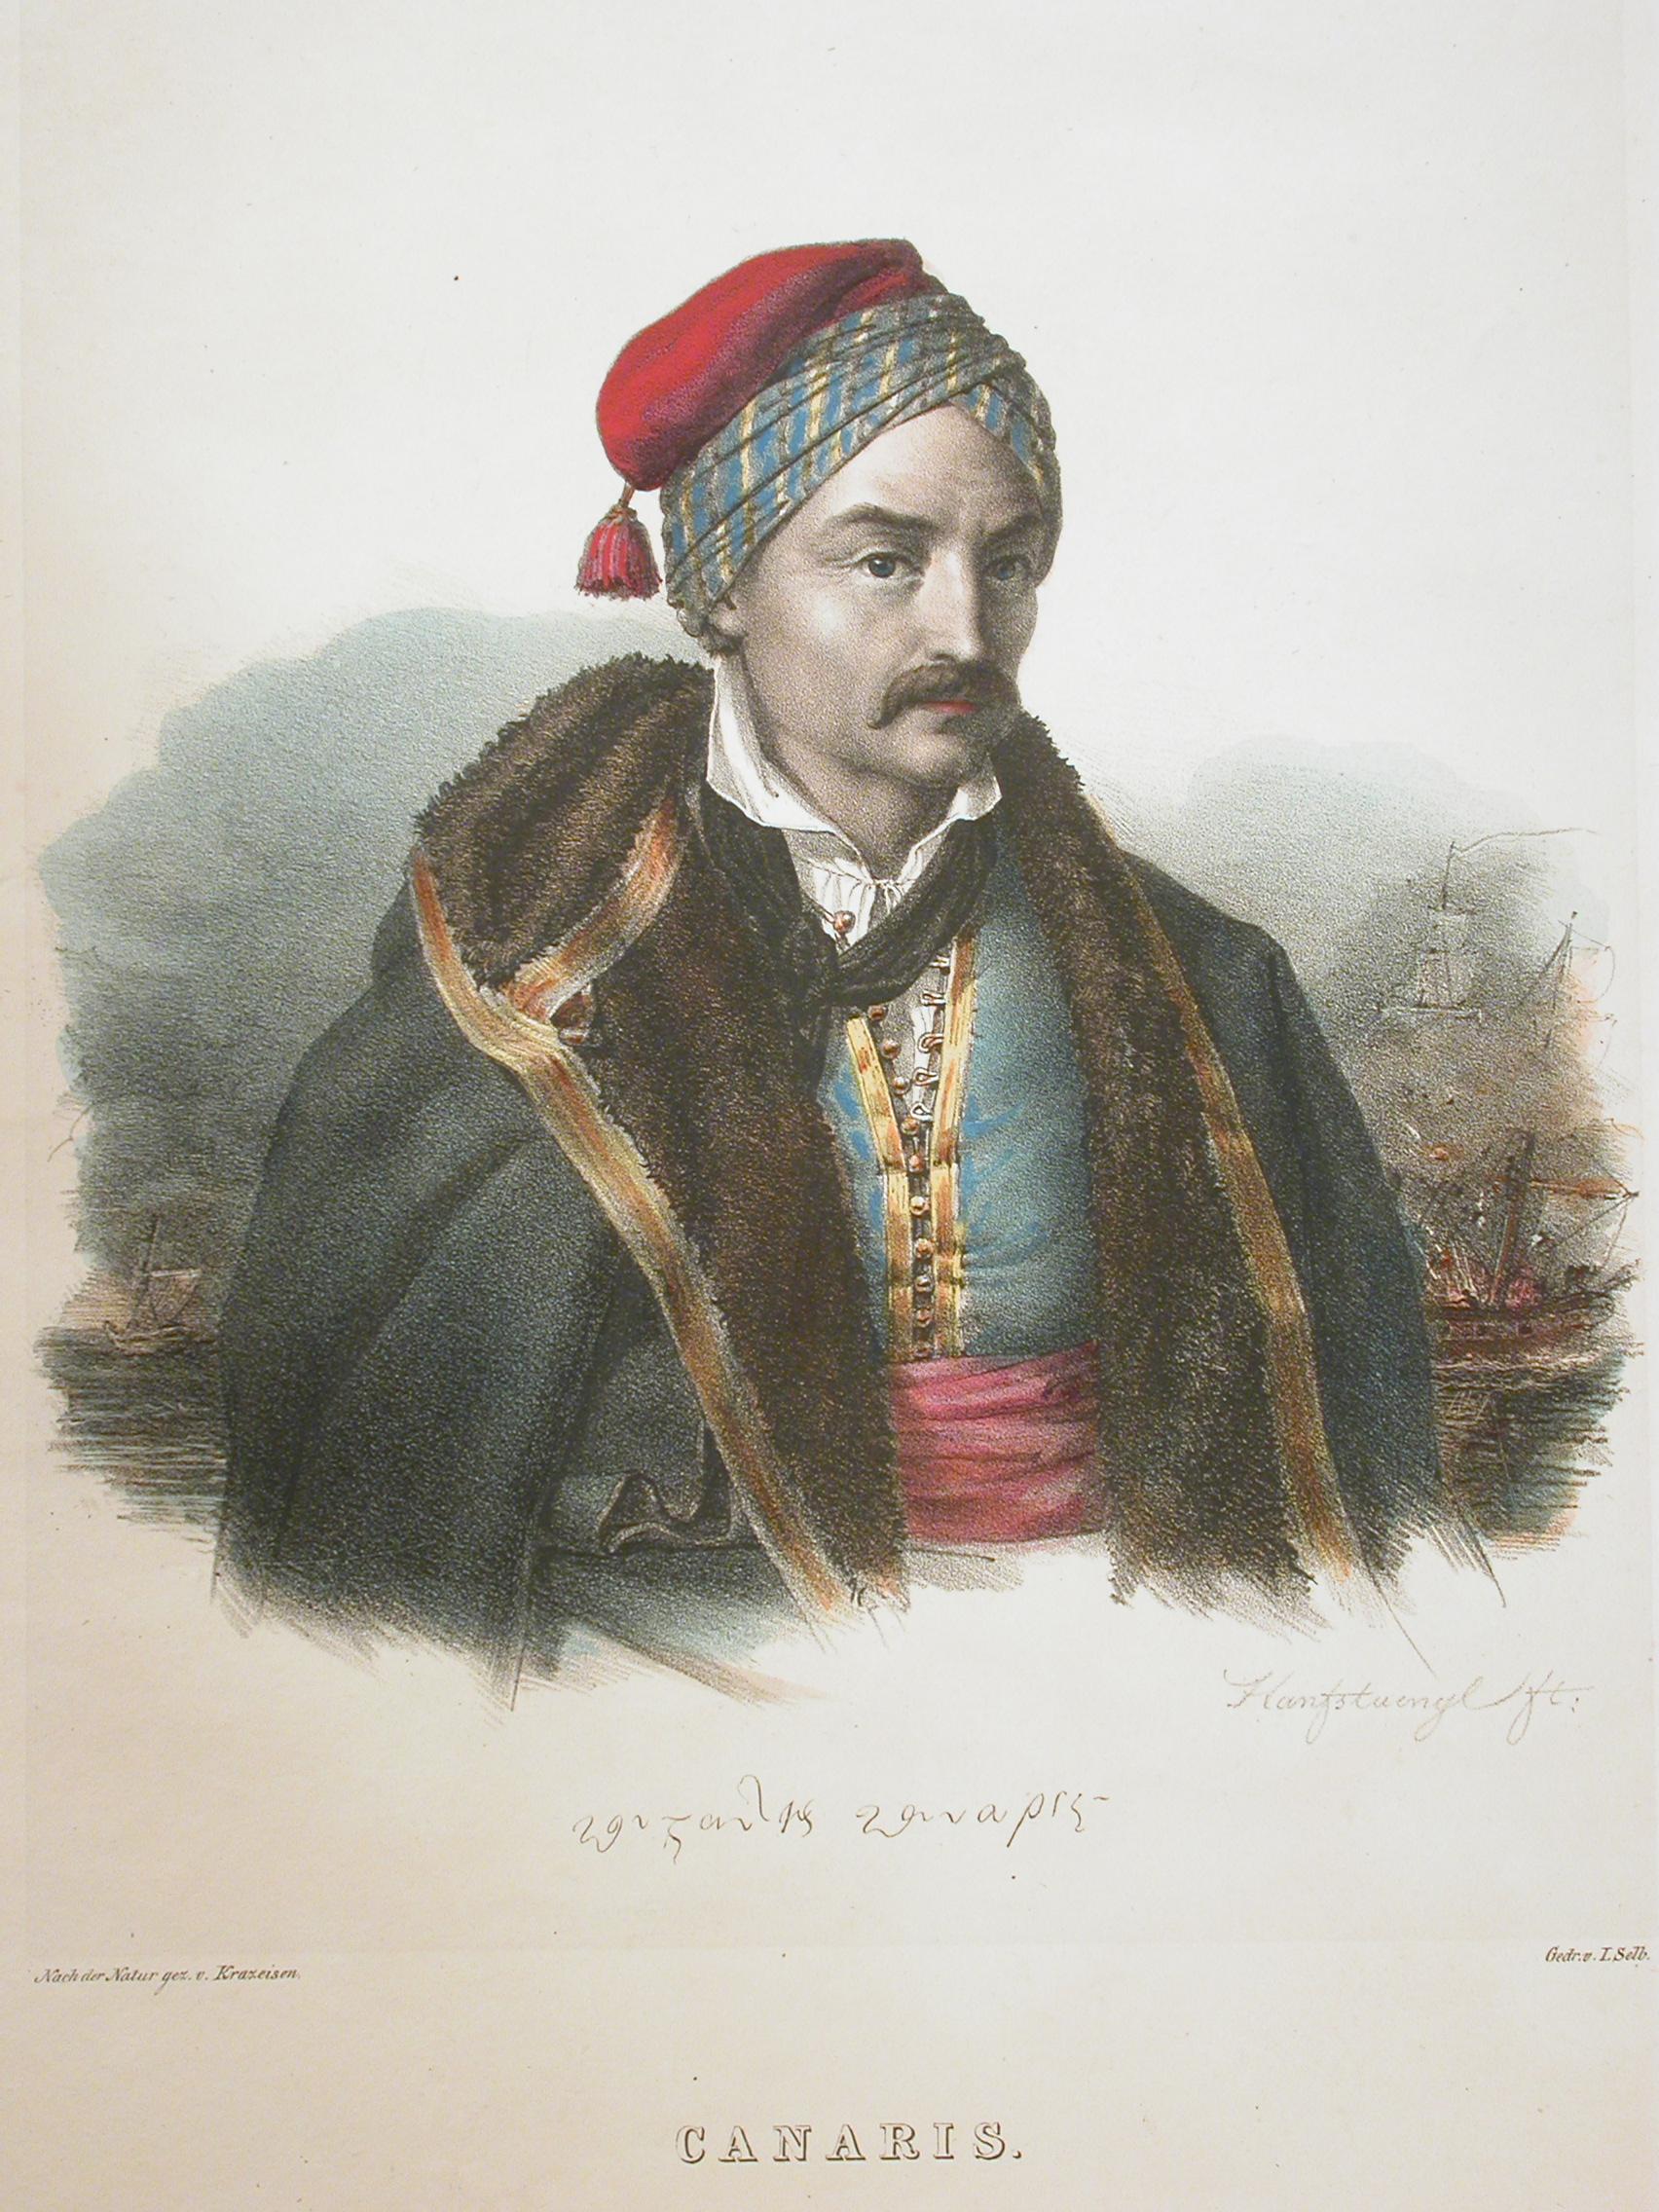 oi-zografoi-poy-ezisan-apo-konta-tin-epanastasi-kai-eftiaxan-ta-portreta-ton-agoniston-toy-1821-eikones9